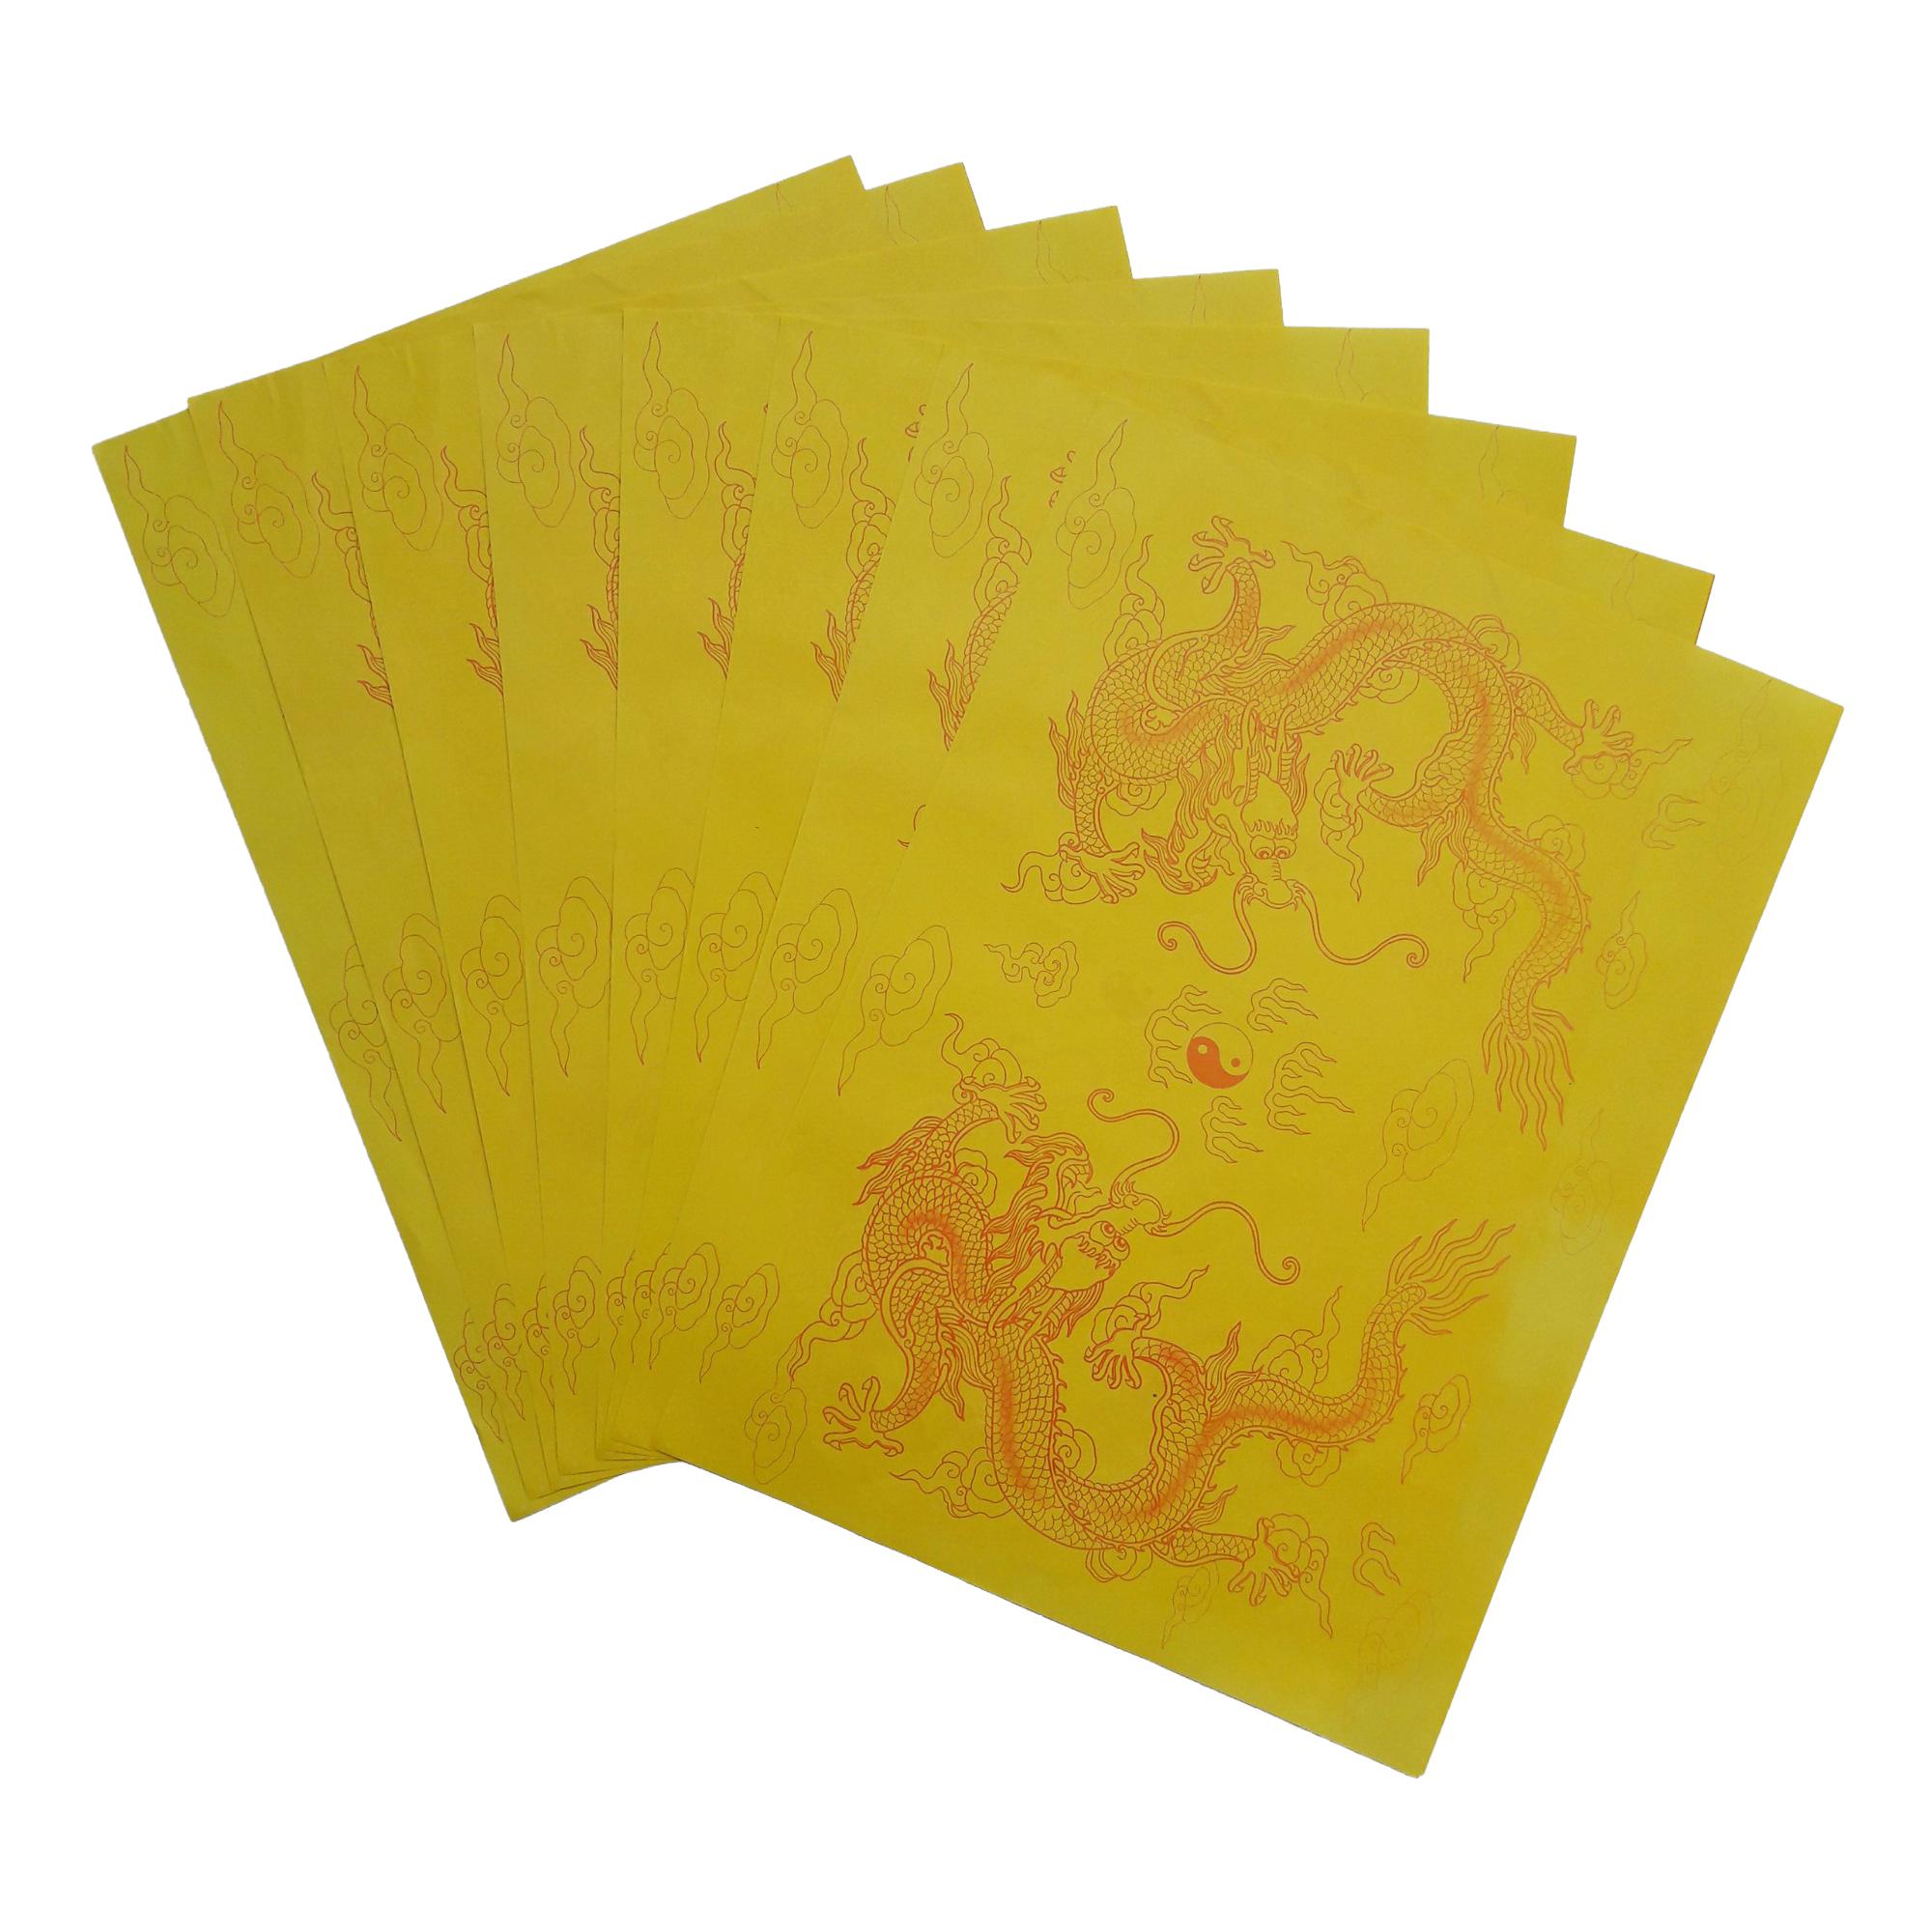 Giấy In Sớ Việt Lạc rồng chầu GISOVL029 a3 DL60 nền vàng